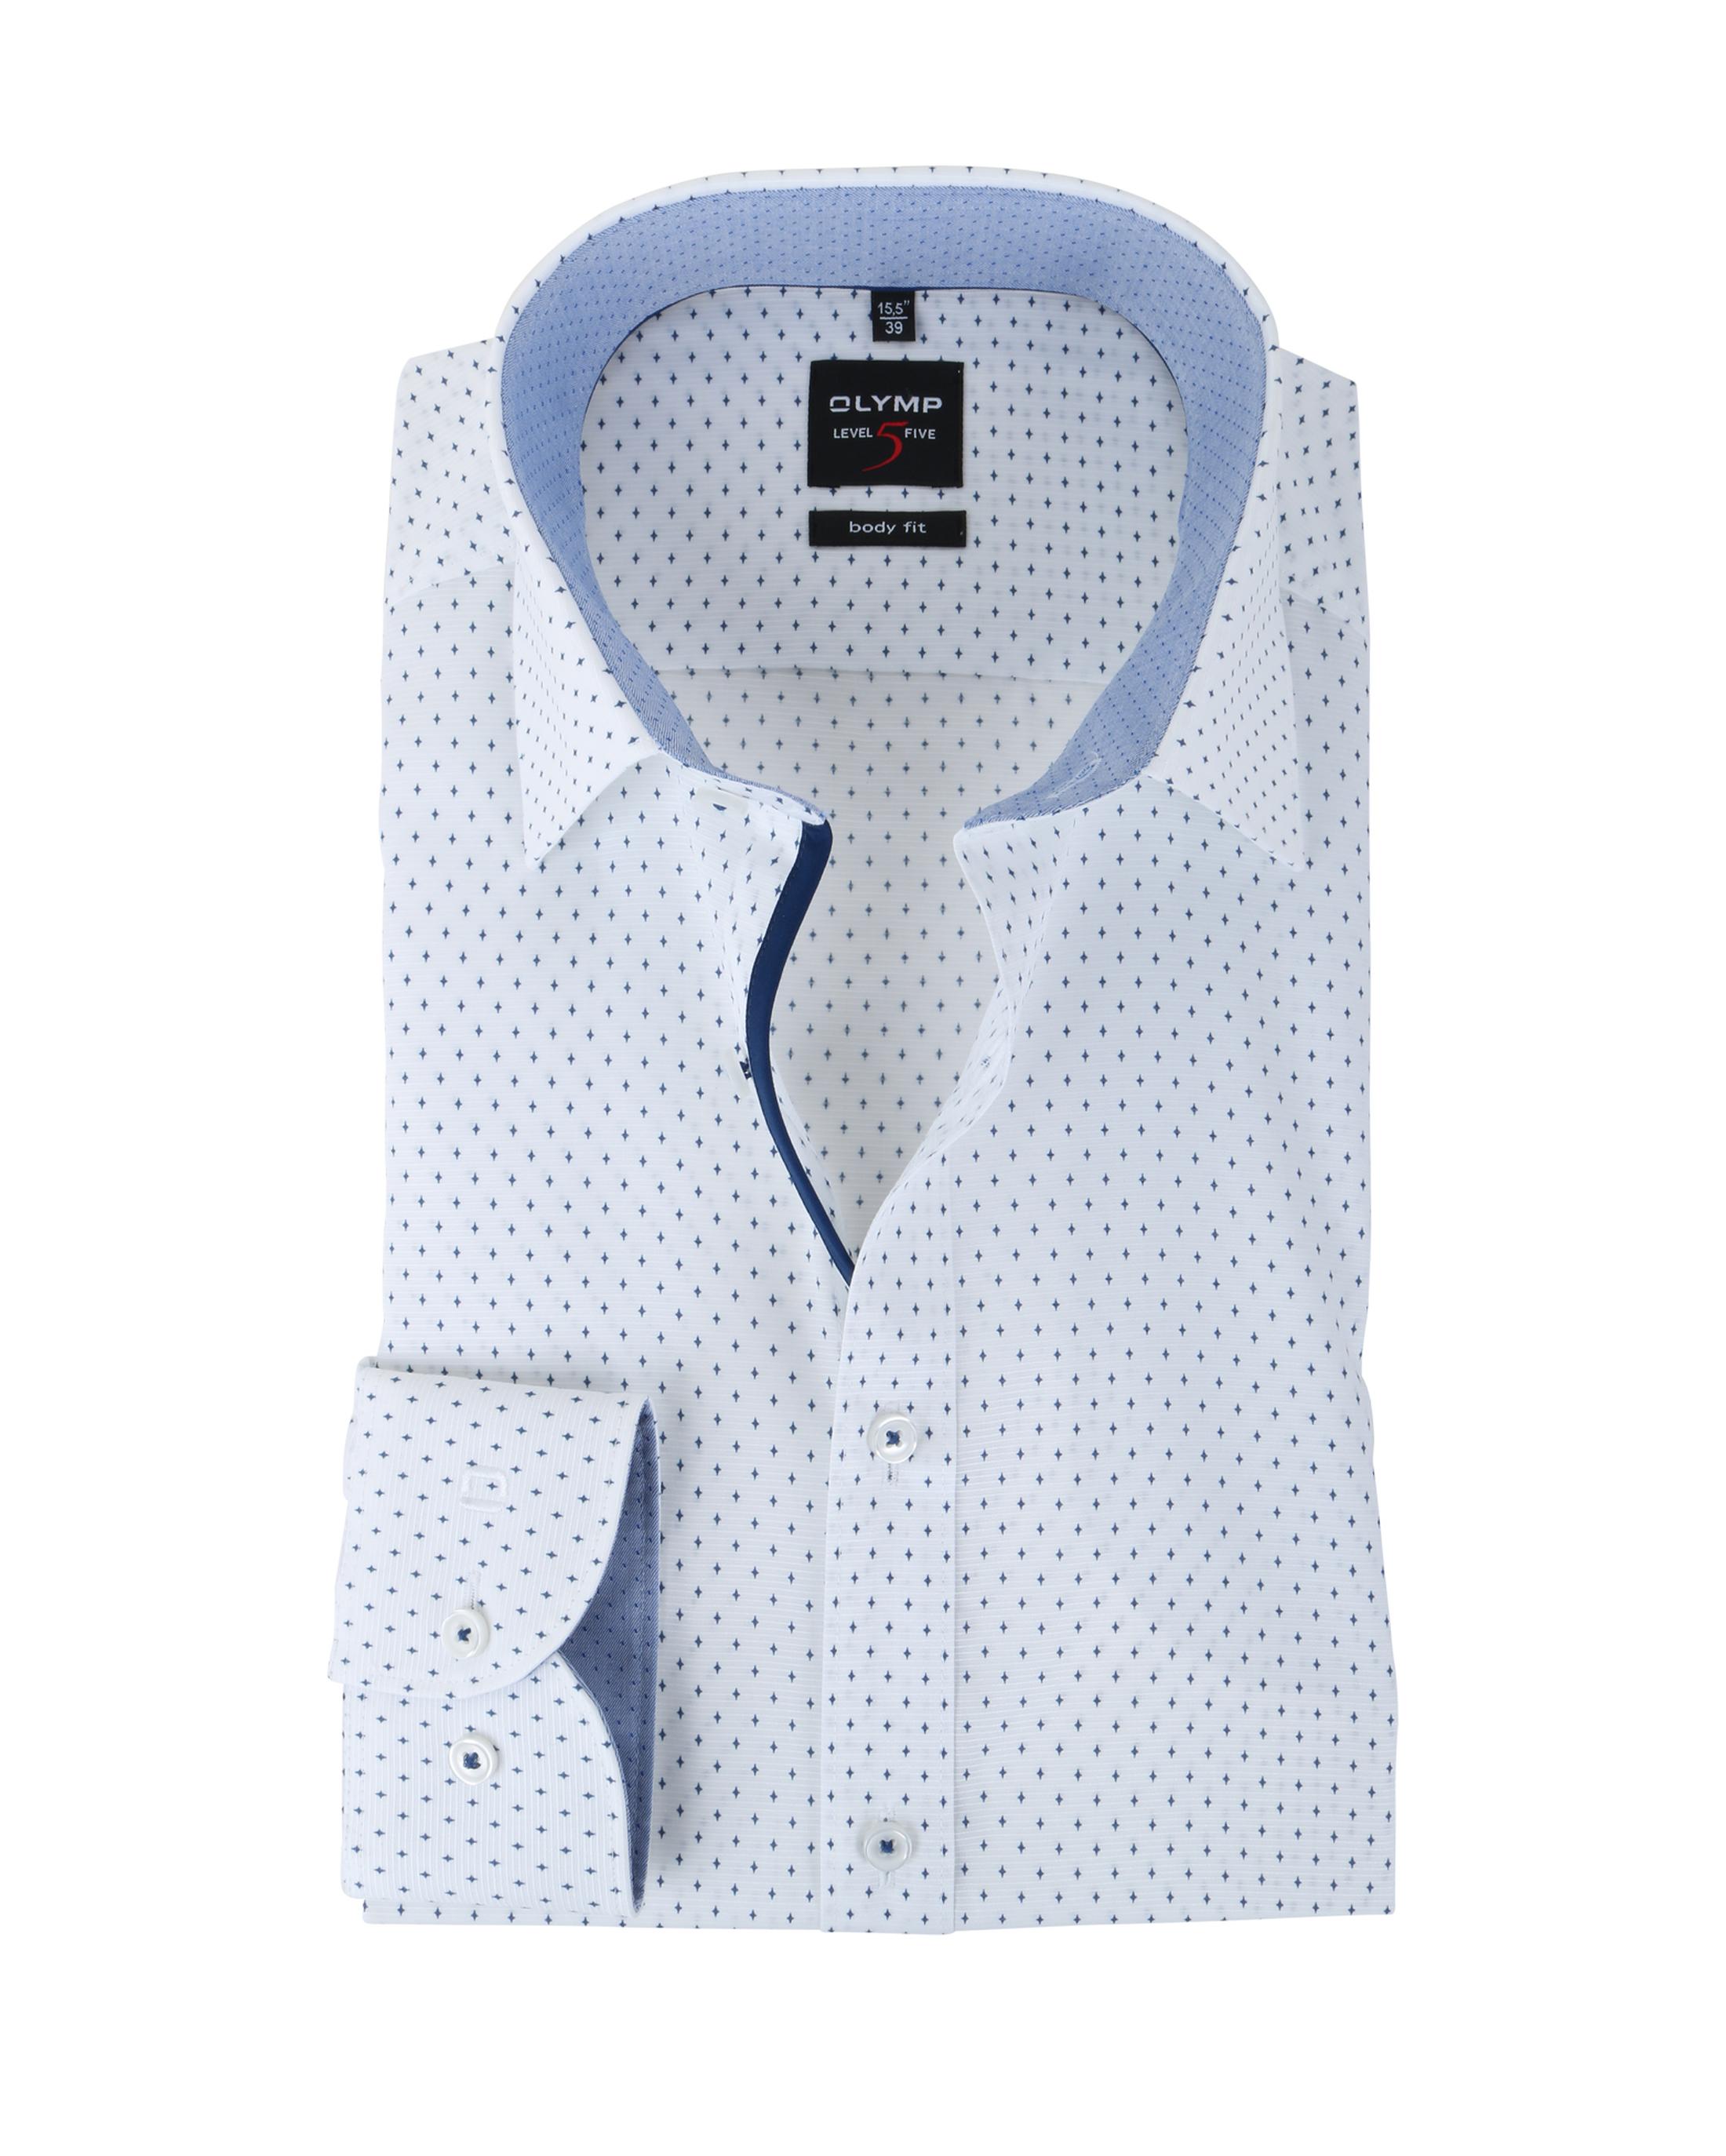 olymp hemd body fit wit sterretjes online bestellen suitable. Black Bedroom Furniture Sets. Home Design Ideas